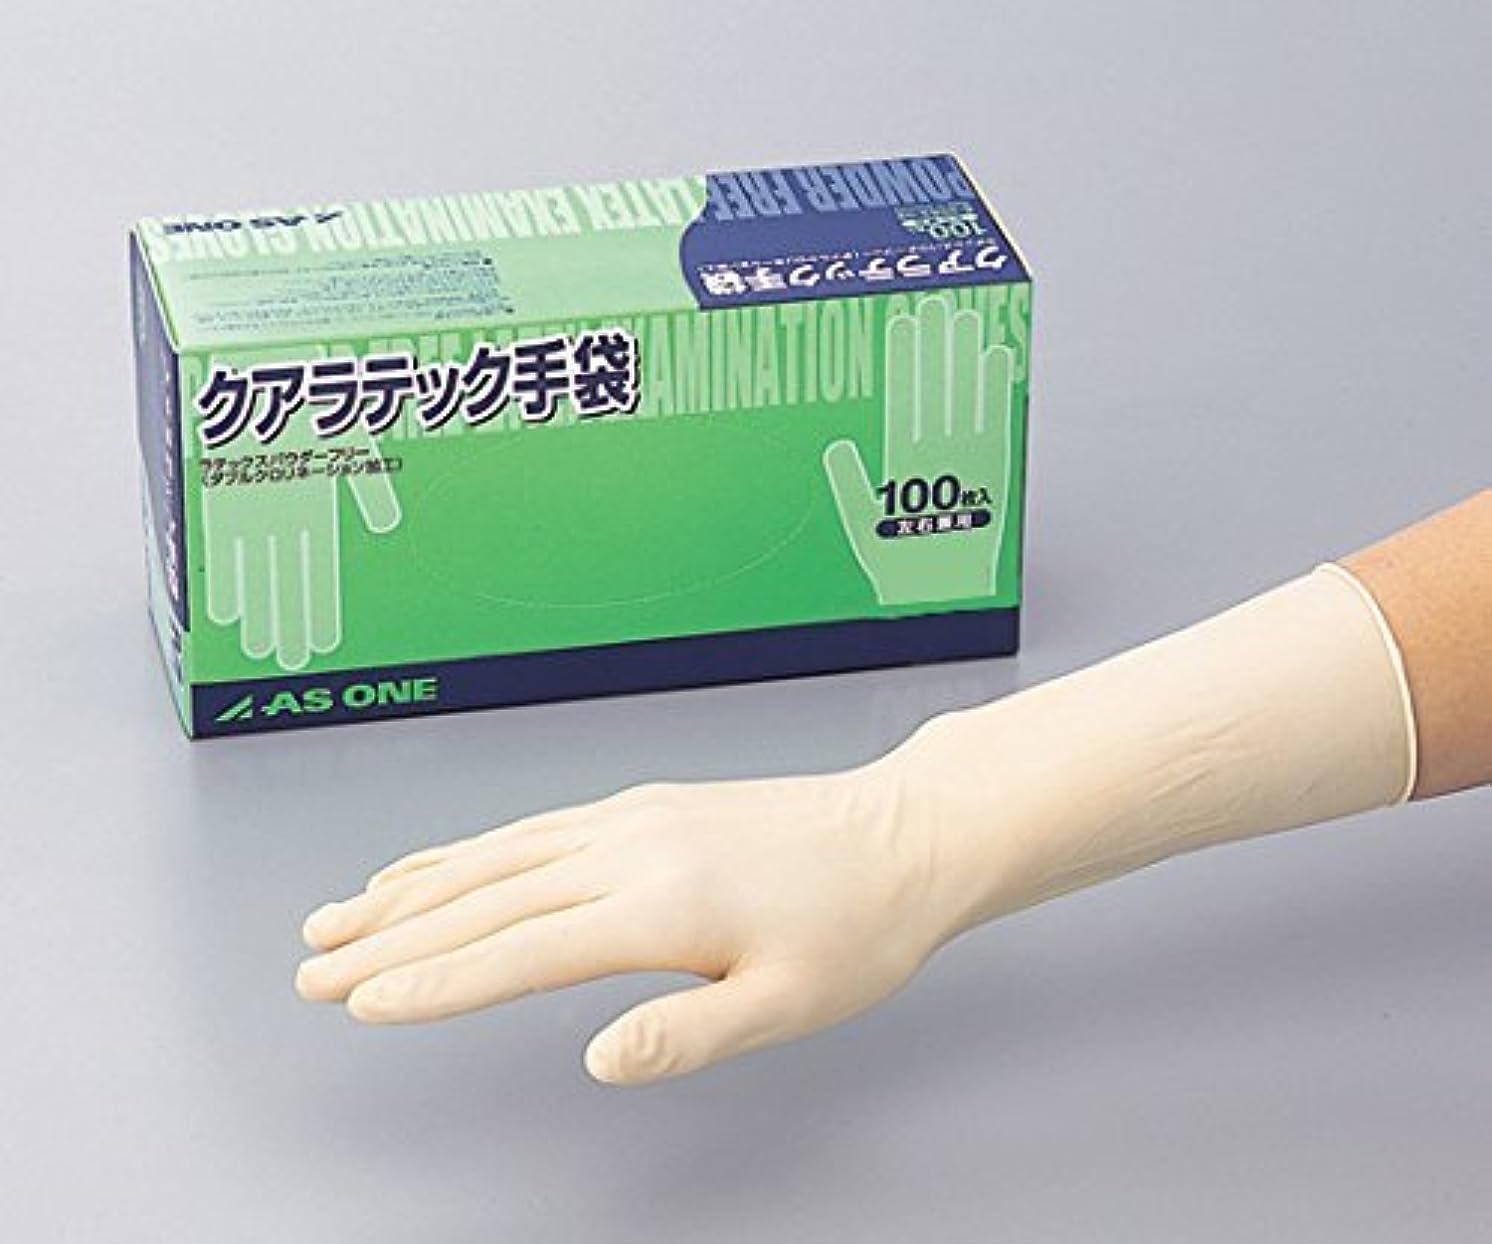 離婚哲学的兄弟愛アズワン8-4053-03クアラテック手袋(DXパウダーフリー)S1箱(100枚入)